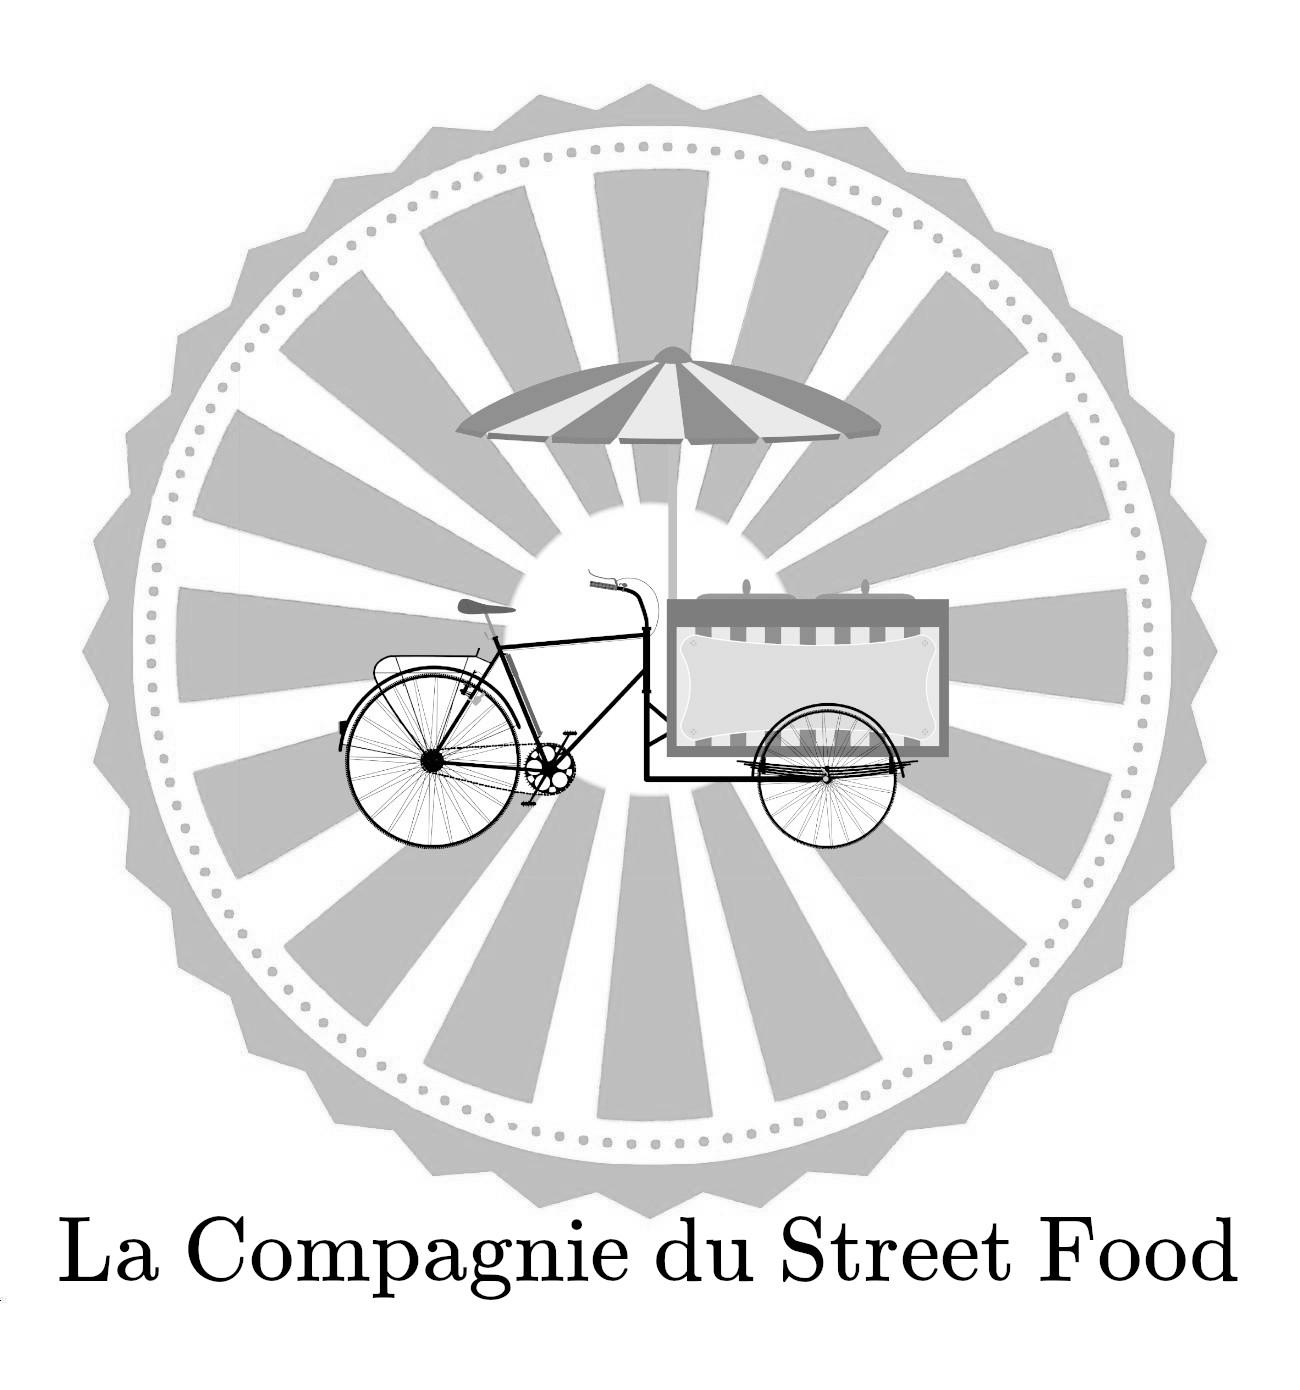 La Compagnie du Street Food – Fabricants de commerces ecologiques et autonomes